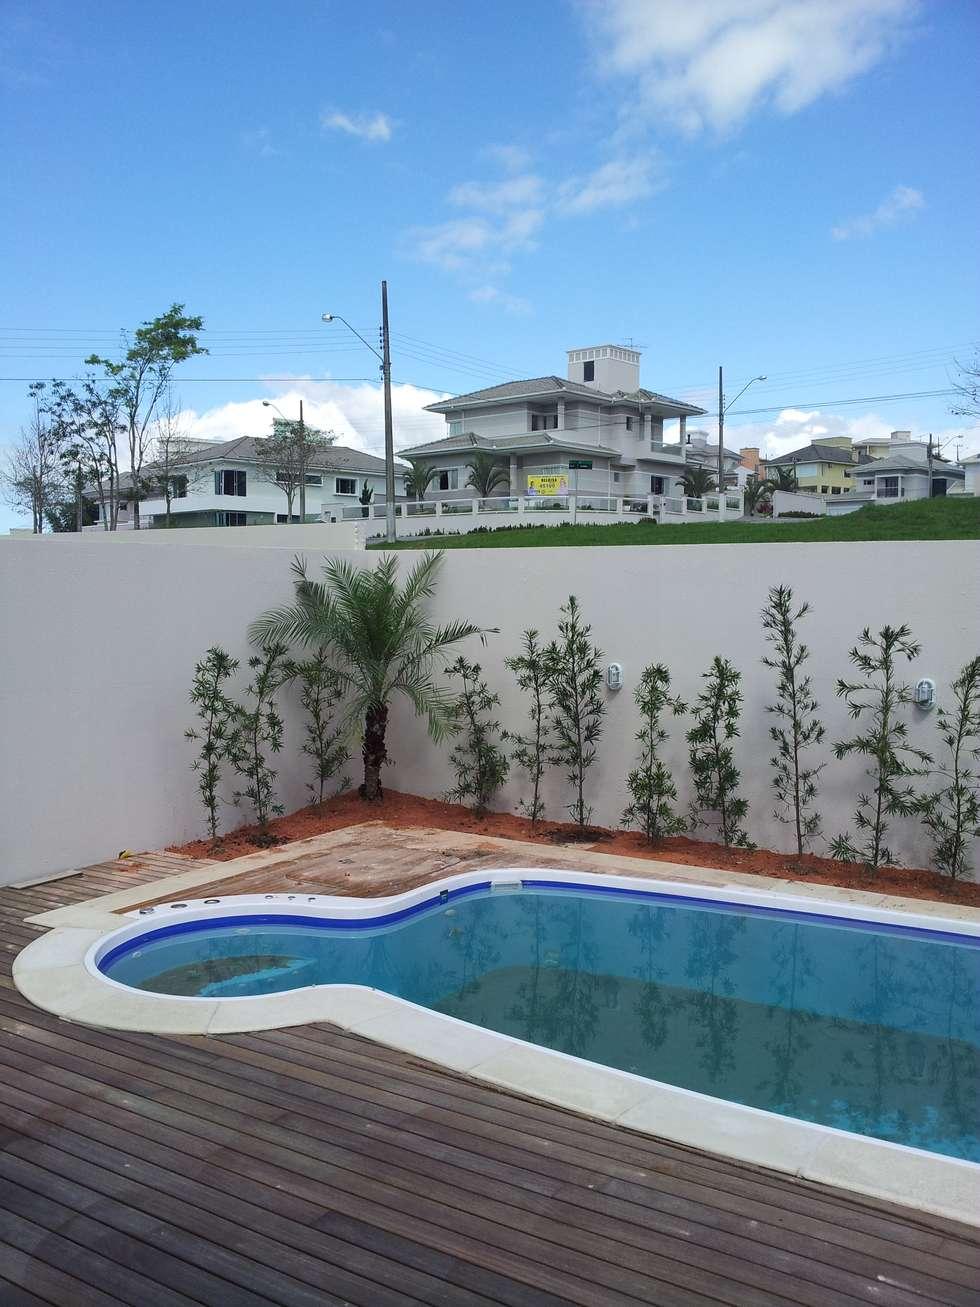 Fotos de piscinas modernas best piscinas with fotos de for Modelos de piscinas modernas